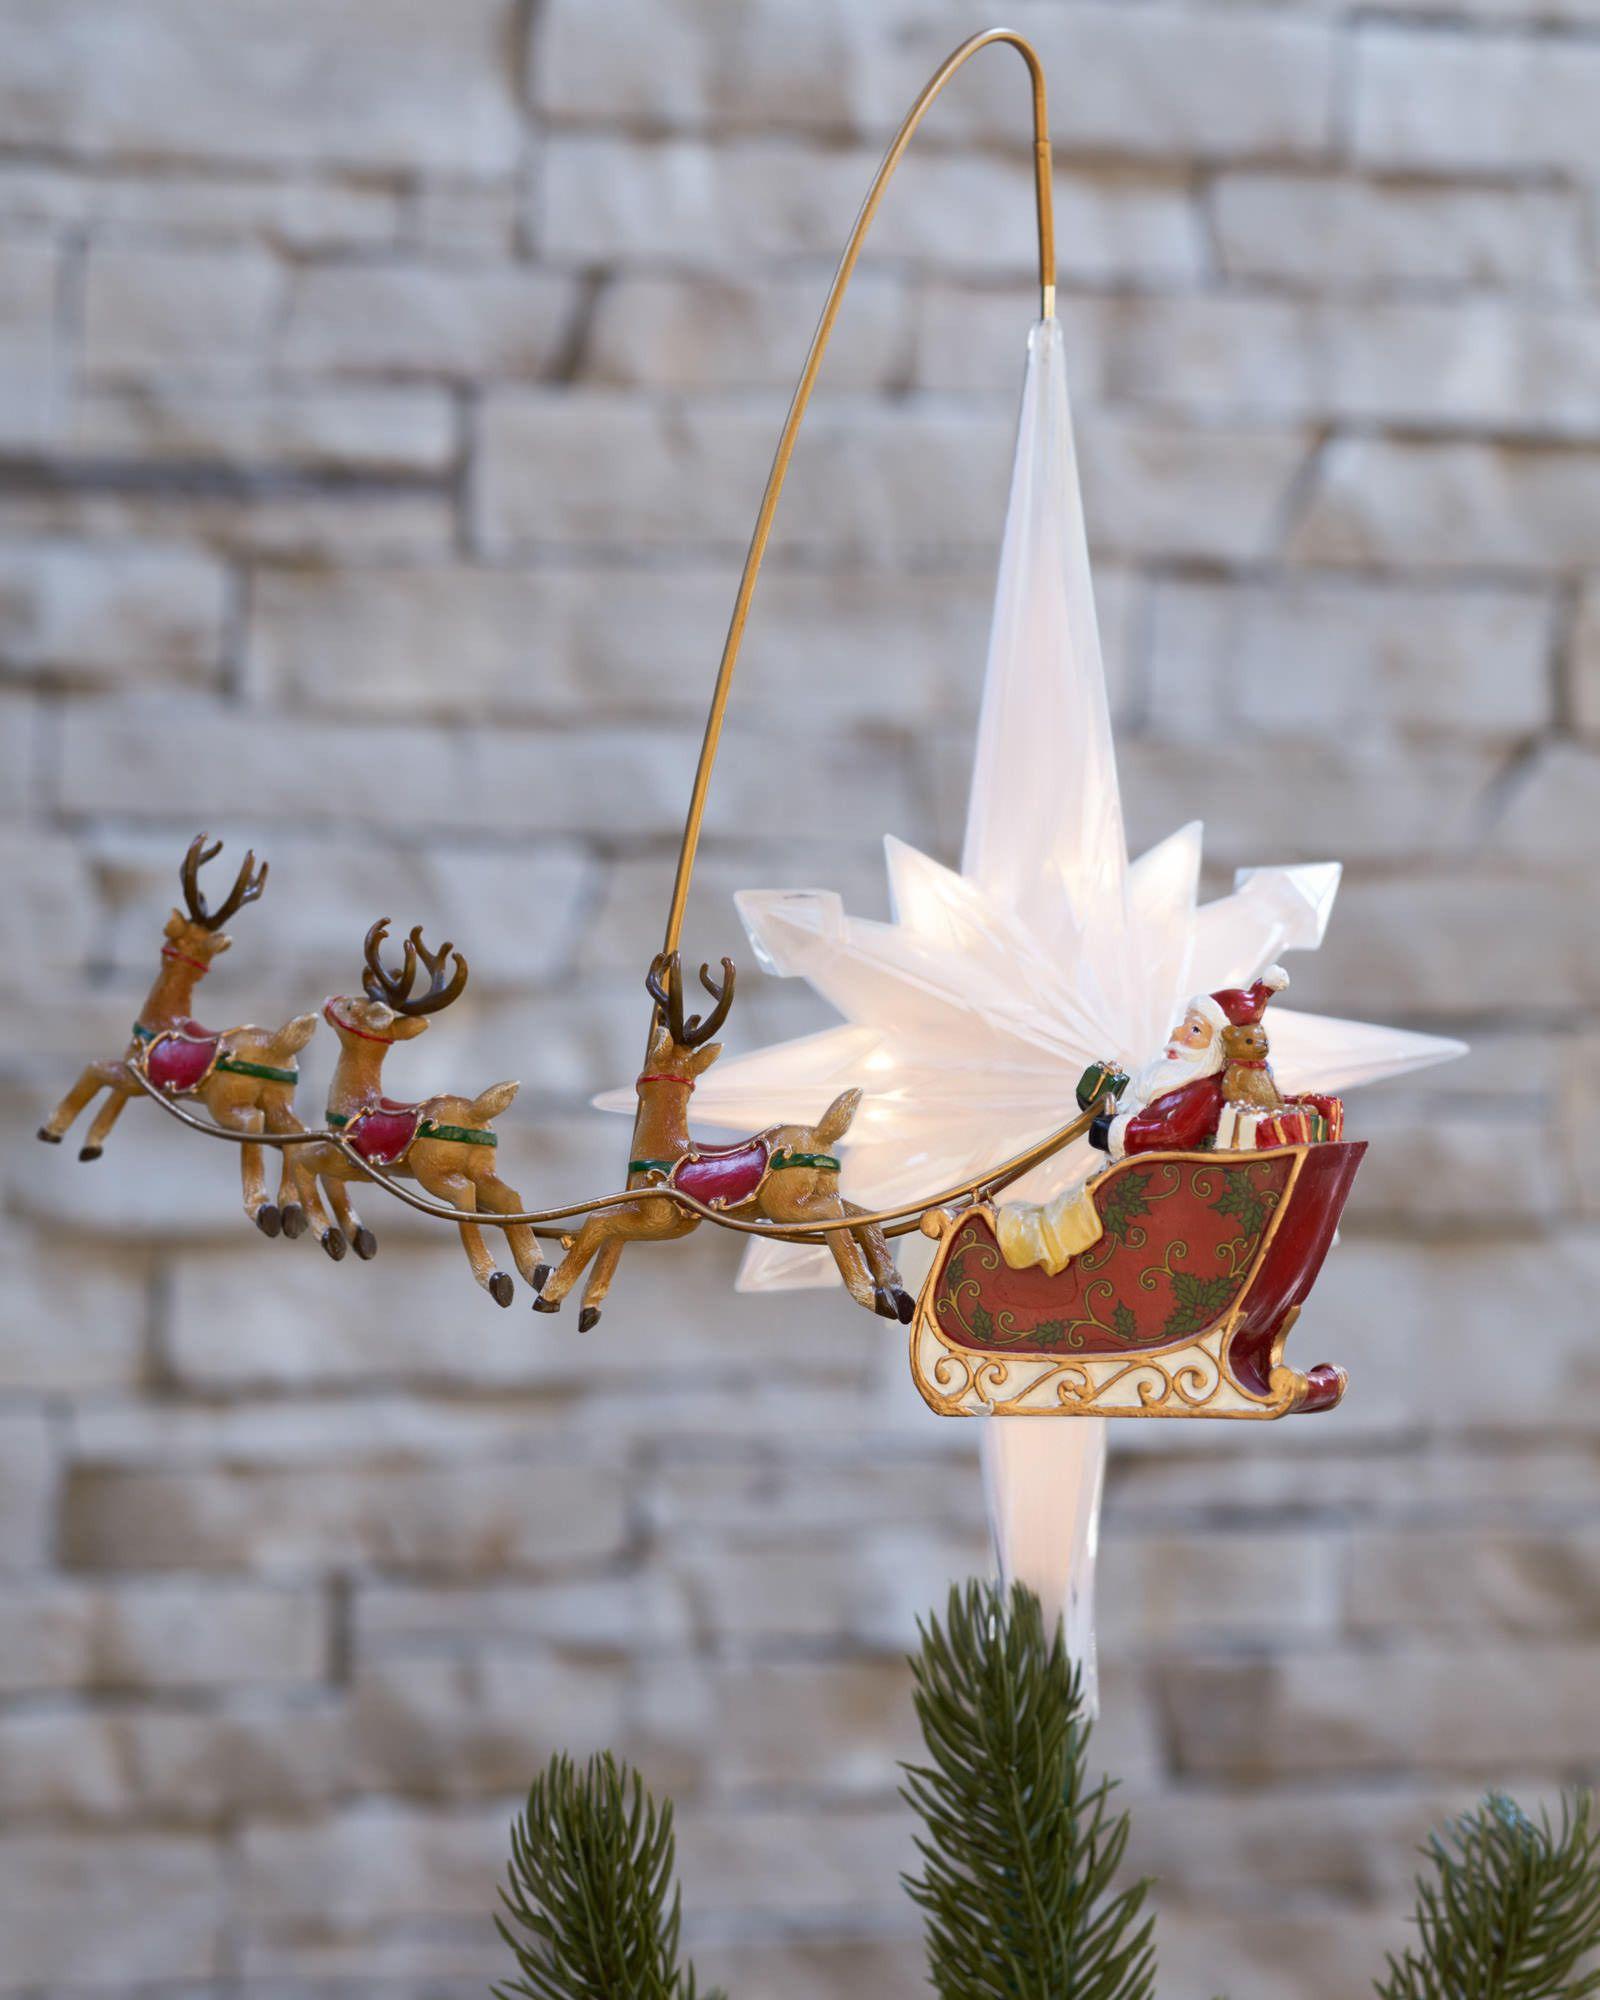 Revolving Christmas Tree Topper